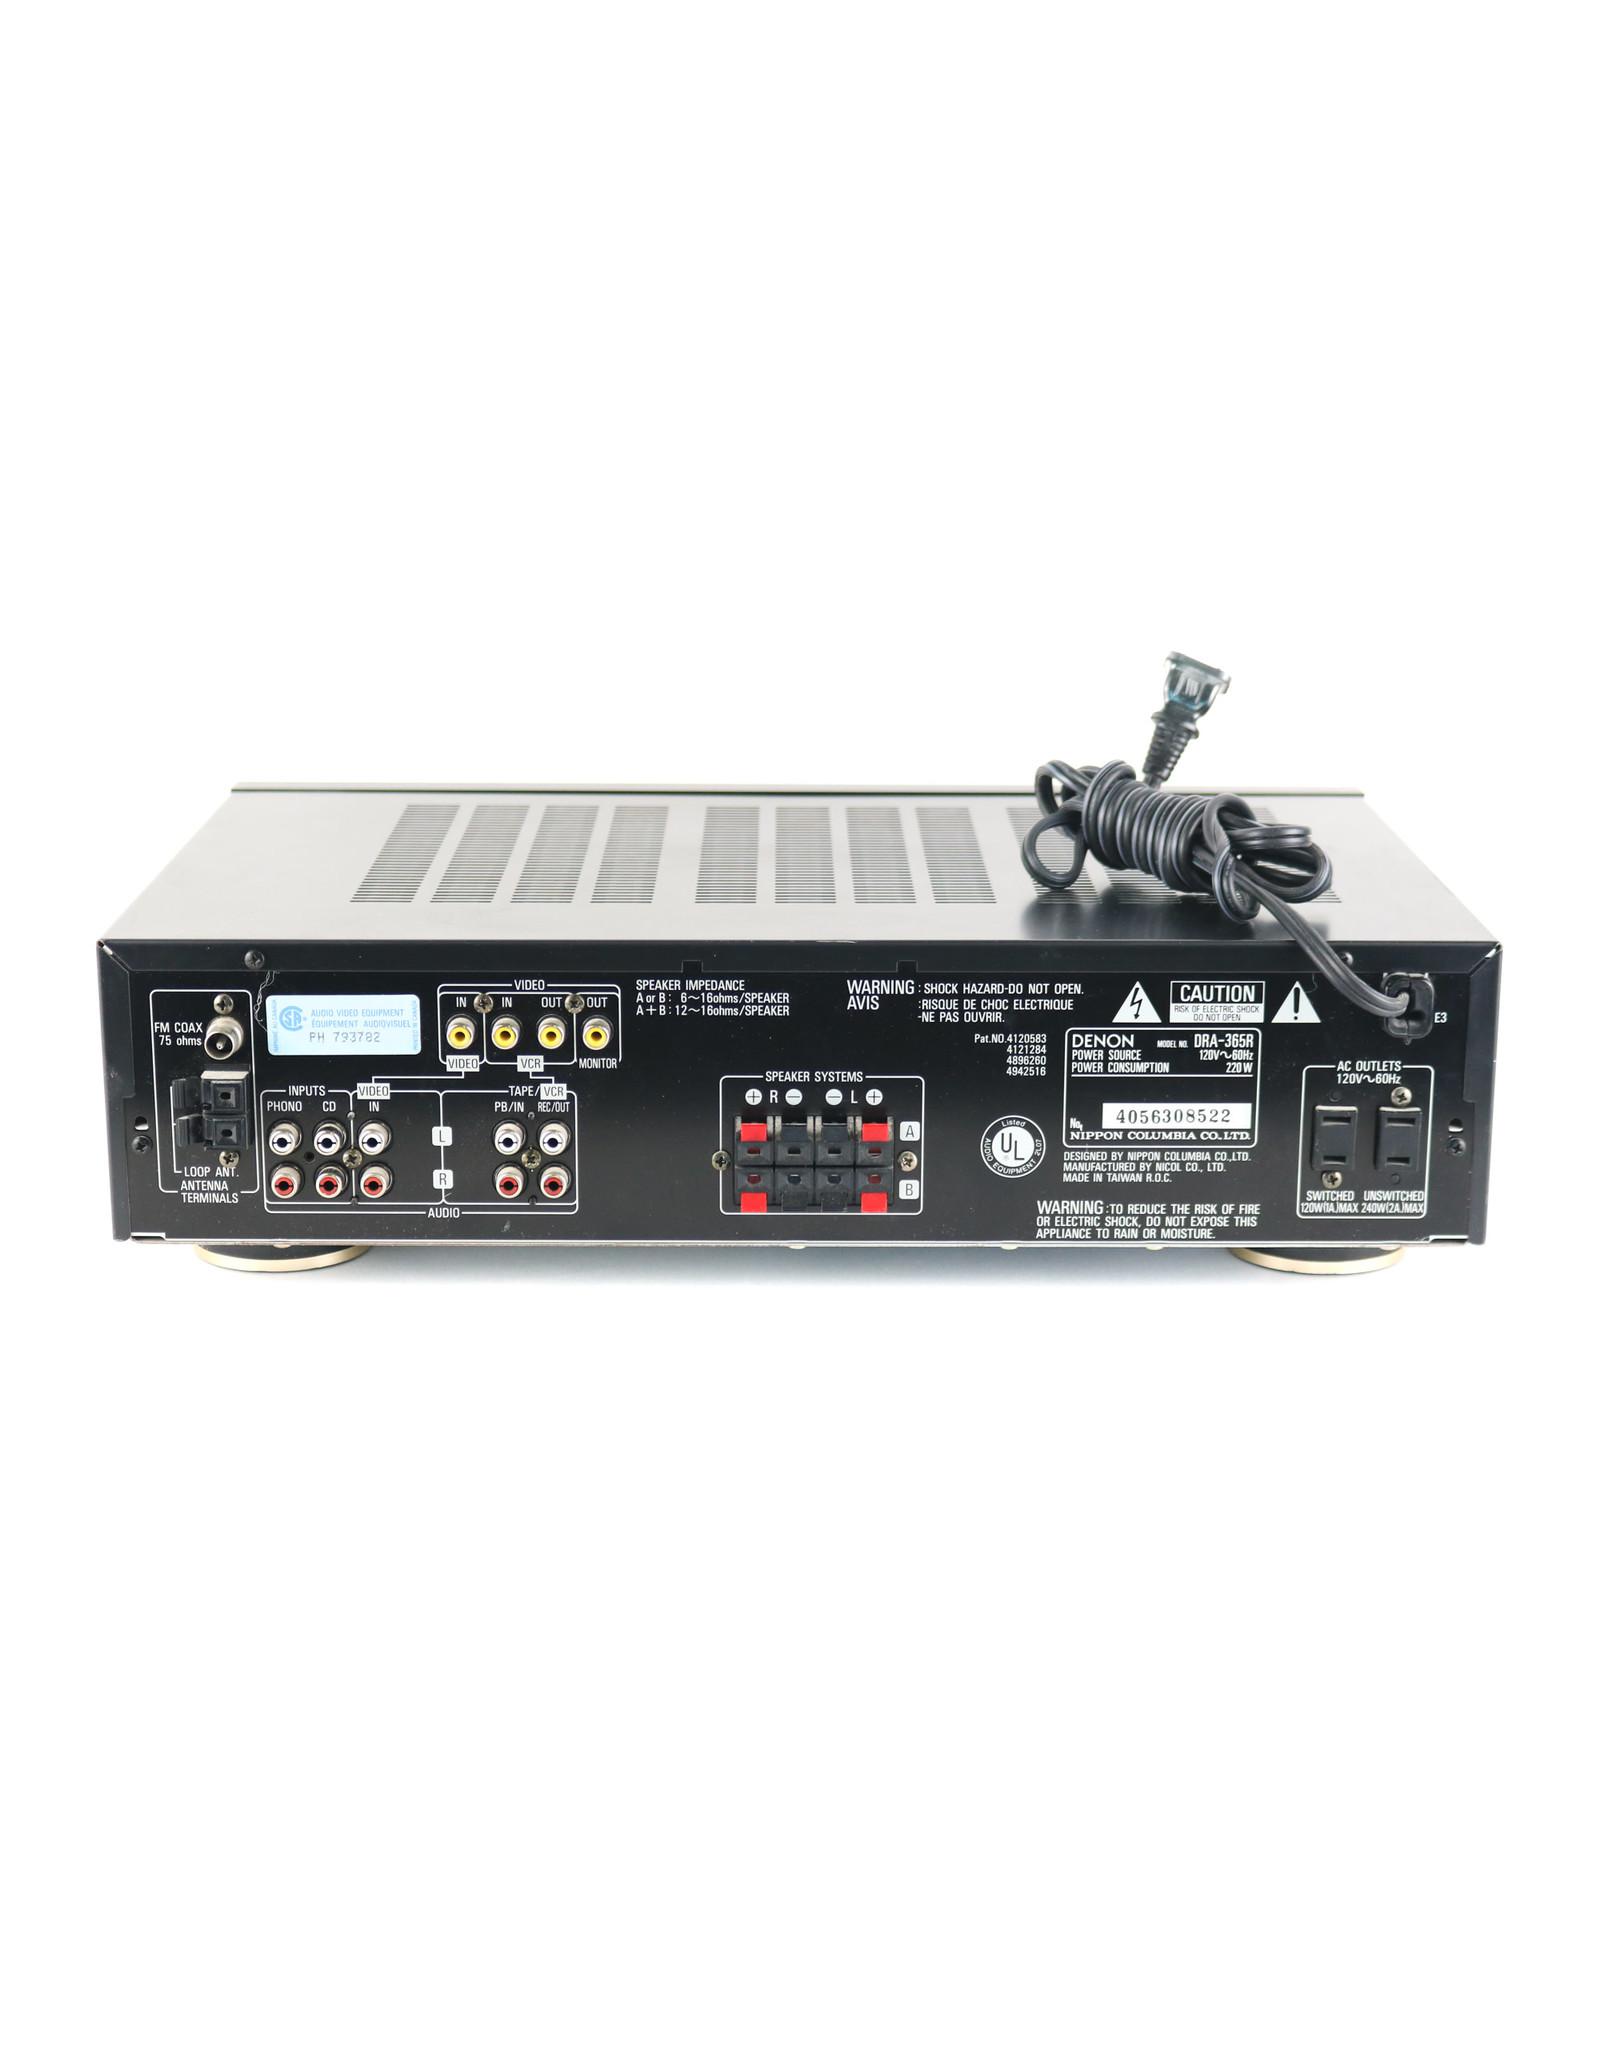 Denon Denon DRA-365R Receiver USED